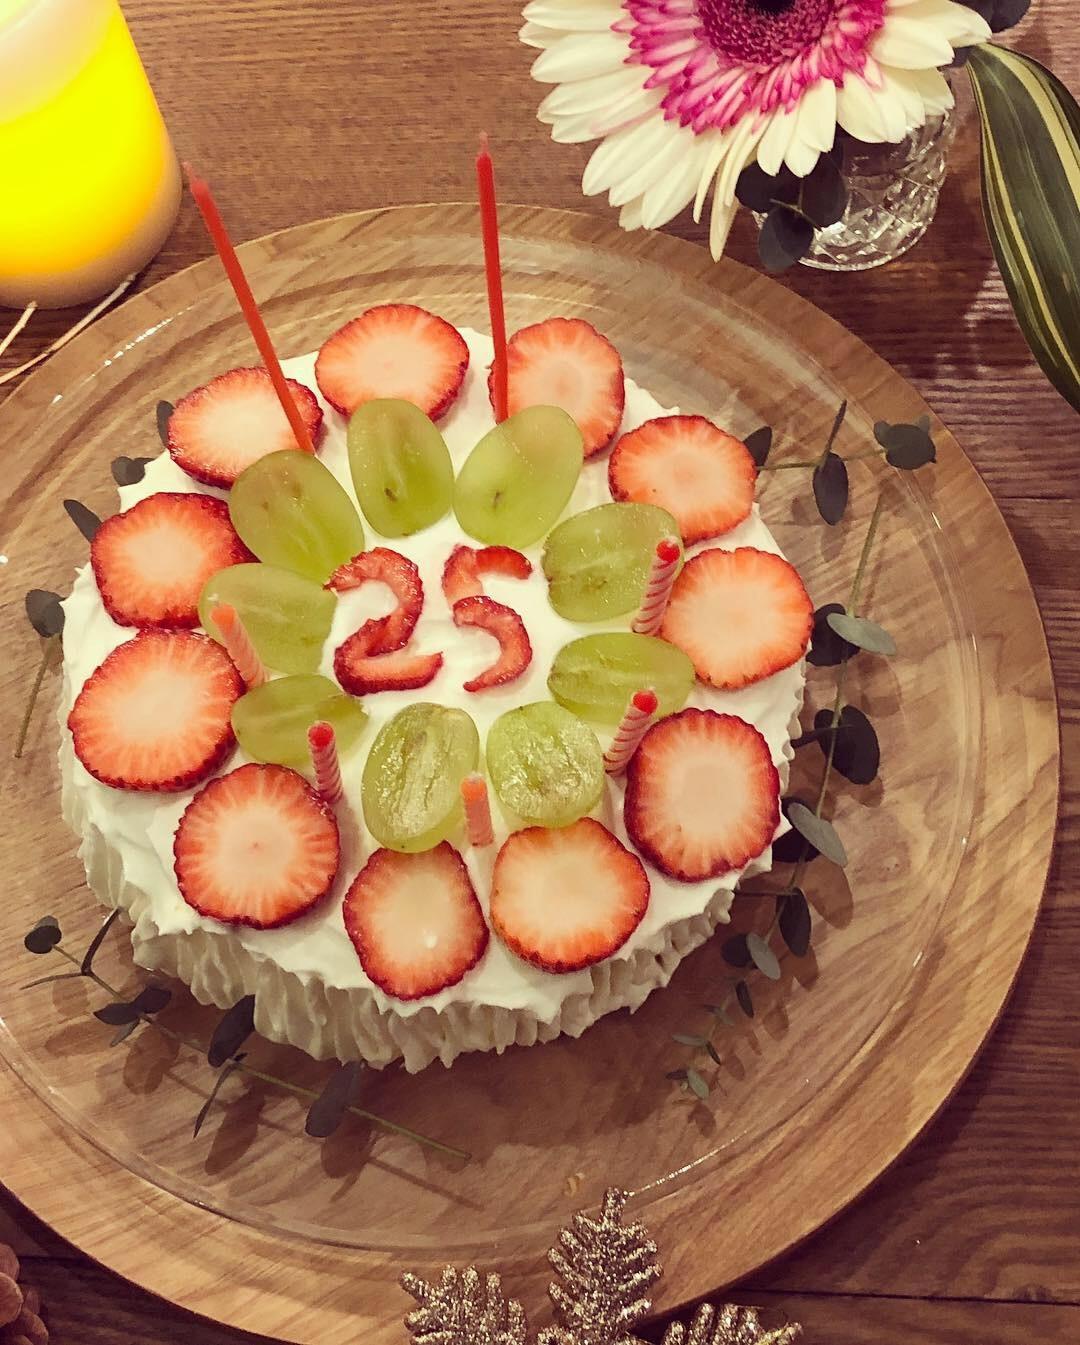 ムスメの誕生会☆パーリーお料理アイデアとアイテムたち_a0142778_23564831.jpg